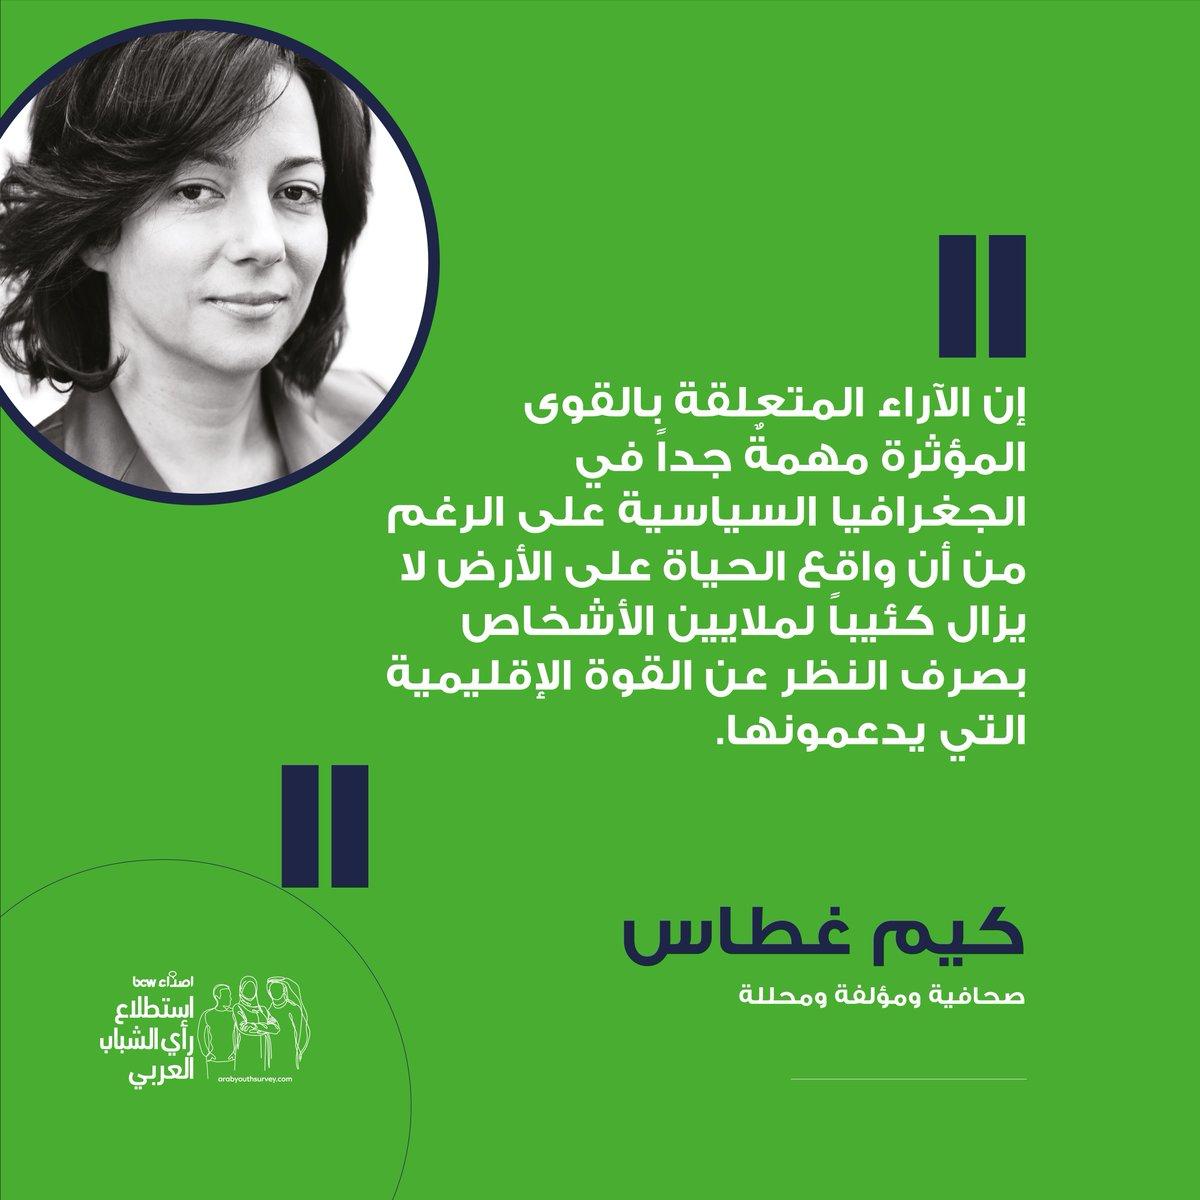 تشارك غطاس تصوراتها عن تأثير القوة الأجنبية في المنطقة وحول تأثير تفشي جائحة كوفيد-19 على ثقة الشباب العربي في الدول والاقتصاد. تعرف أكثر على رأيها عبر موقعنا bit.ly/3kkB6t7 #استطلاع_رأي_الشباب_العربي